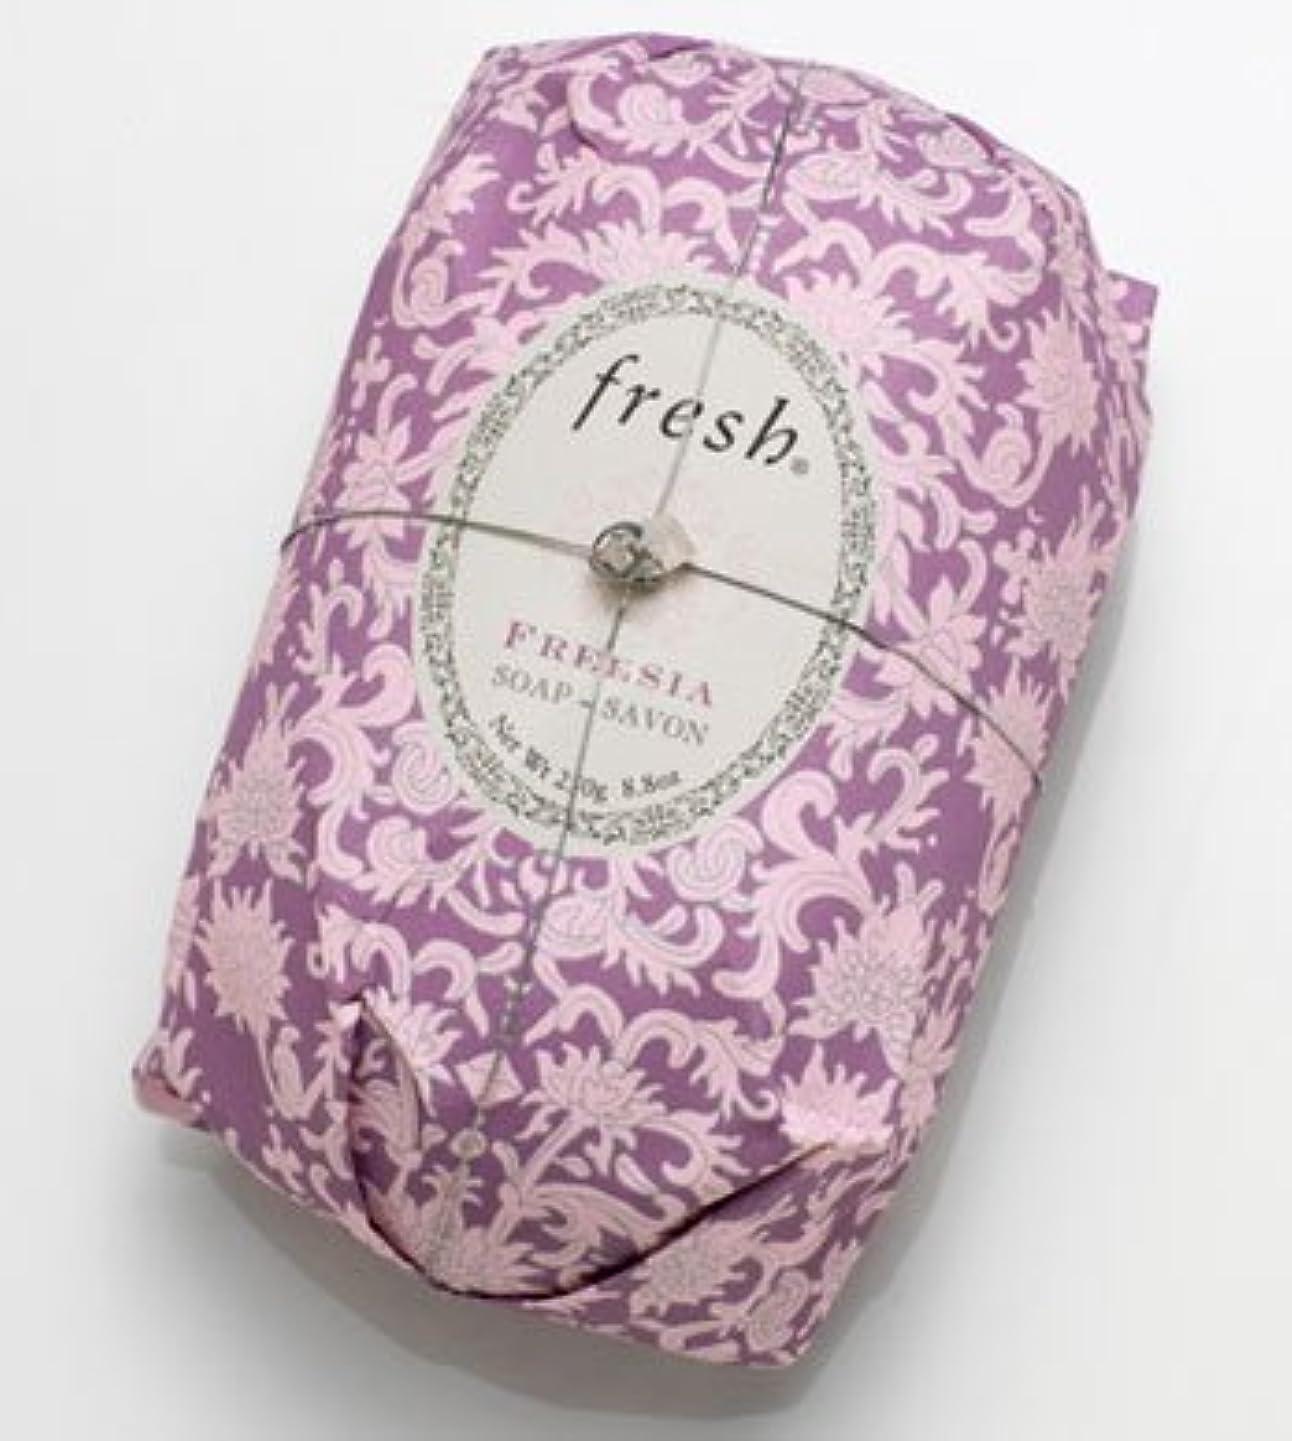 焦げソーダ水細心のFresh FREESIA  SOAP (フレッシュ フリージア ソープ) 8.8 oz (250g) Soap (石鹸) by Fresh